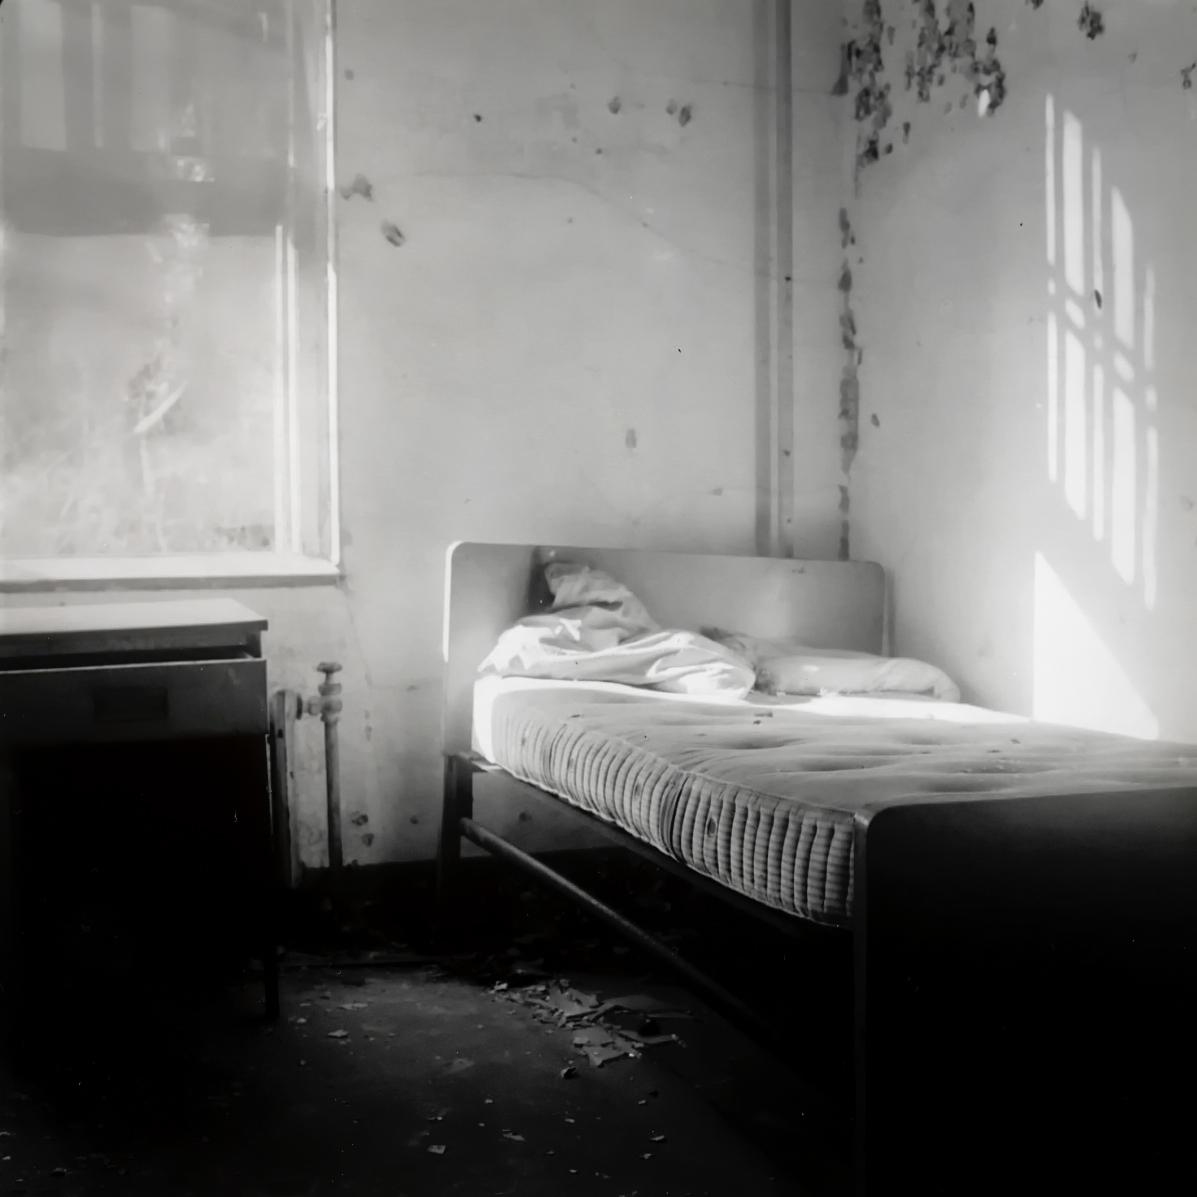 essex mountain sanatorium-20